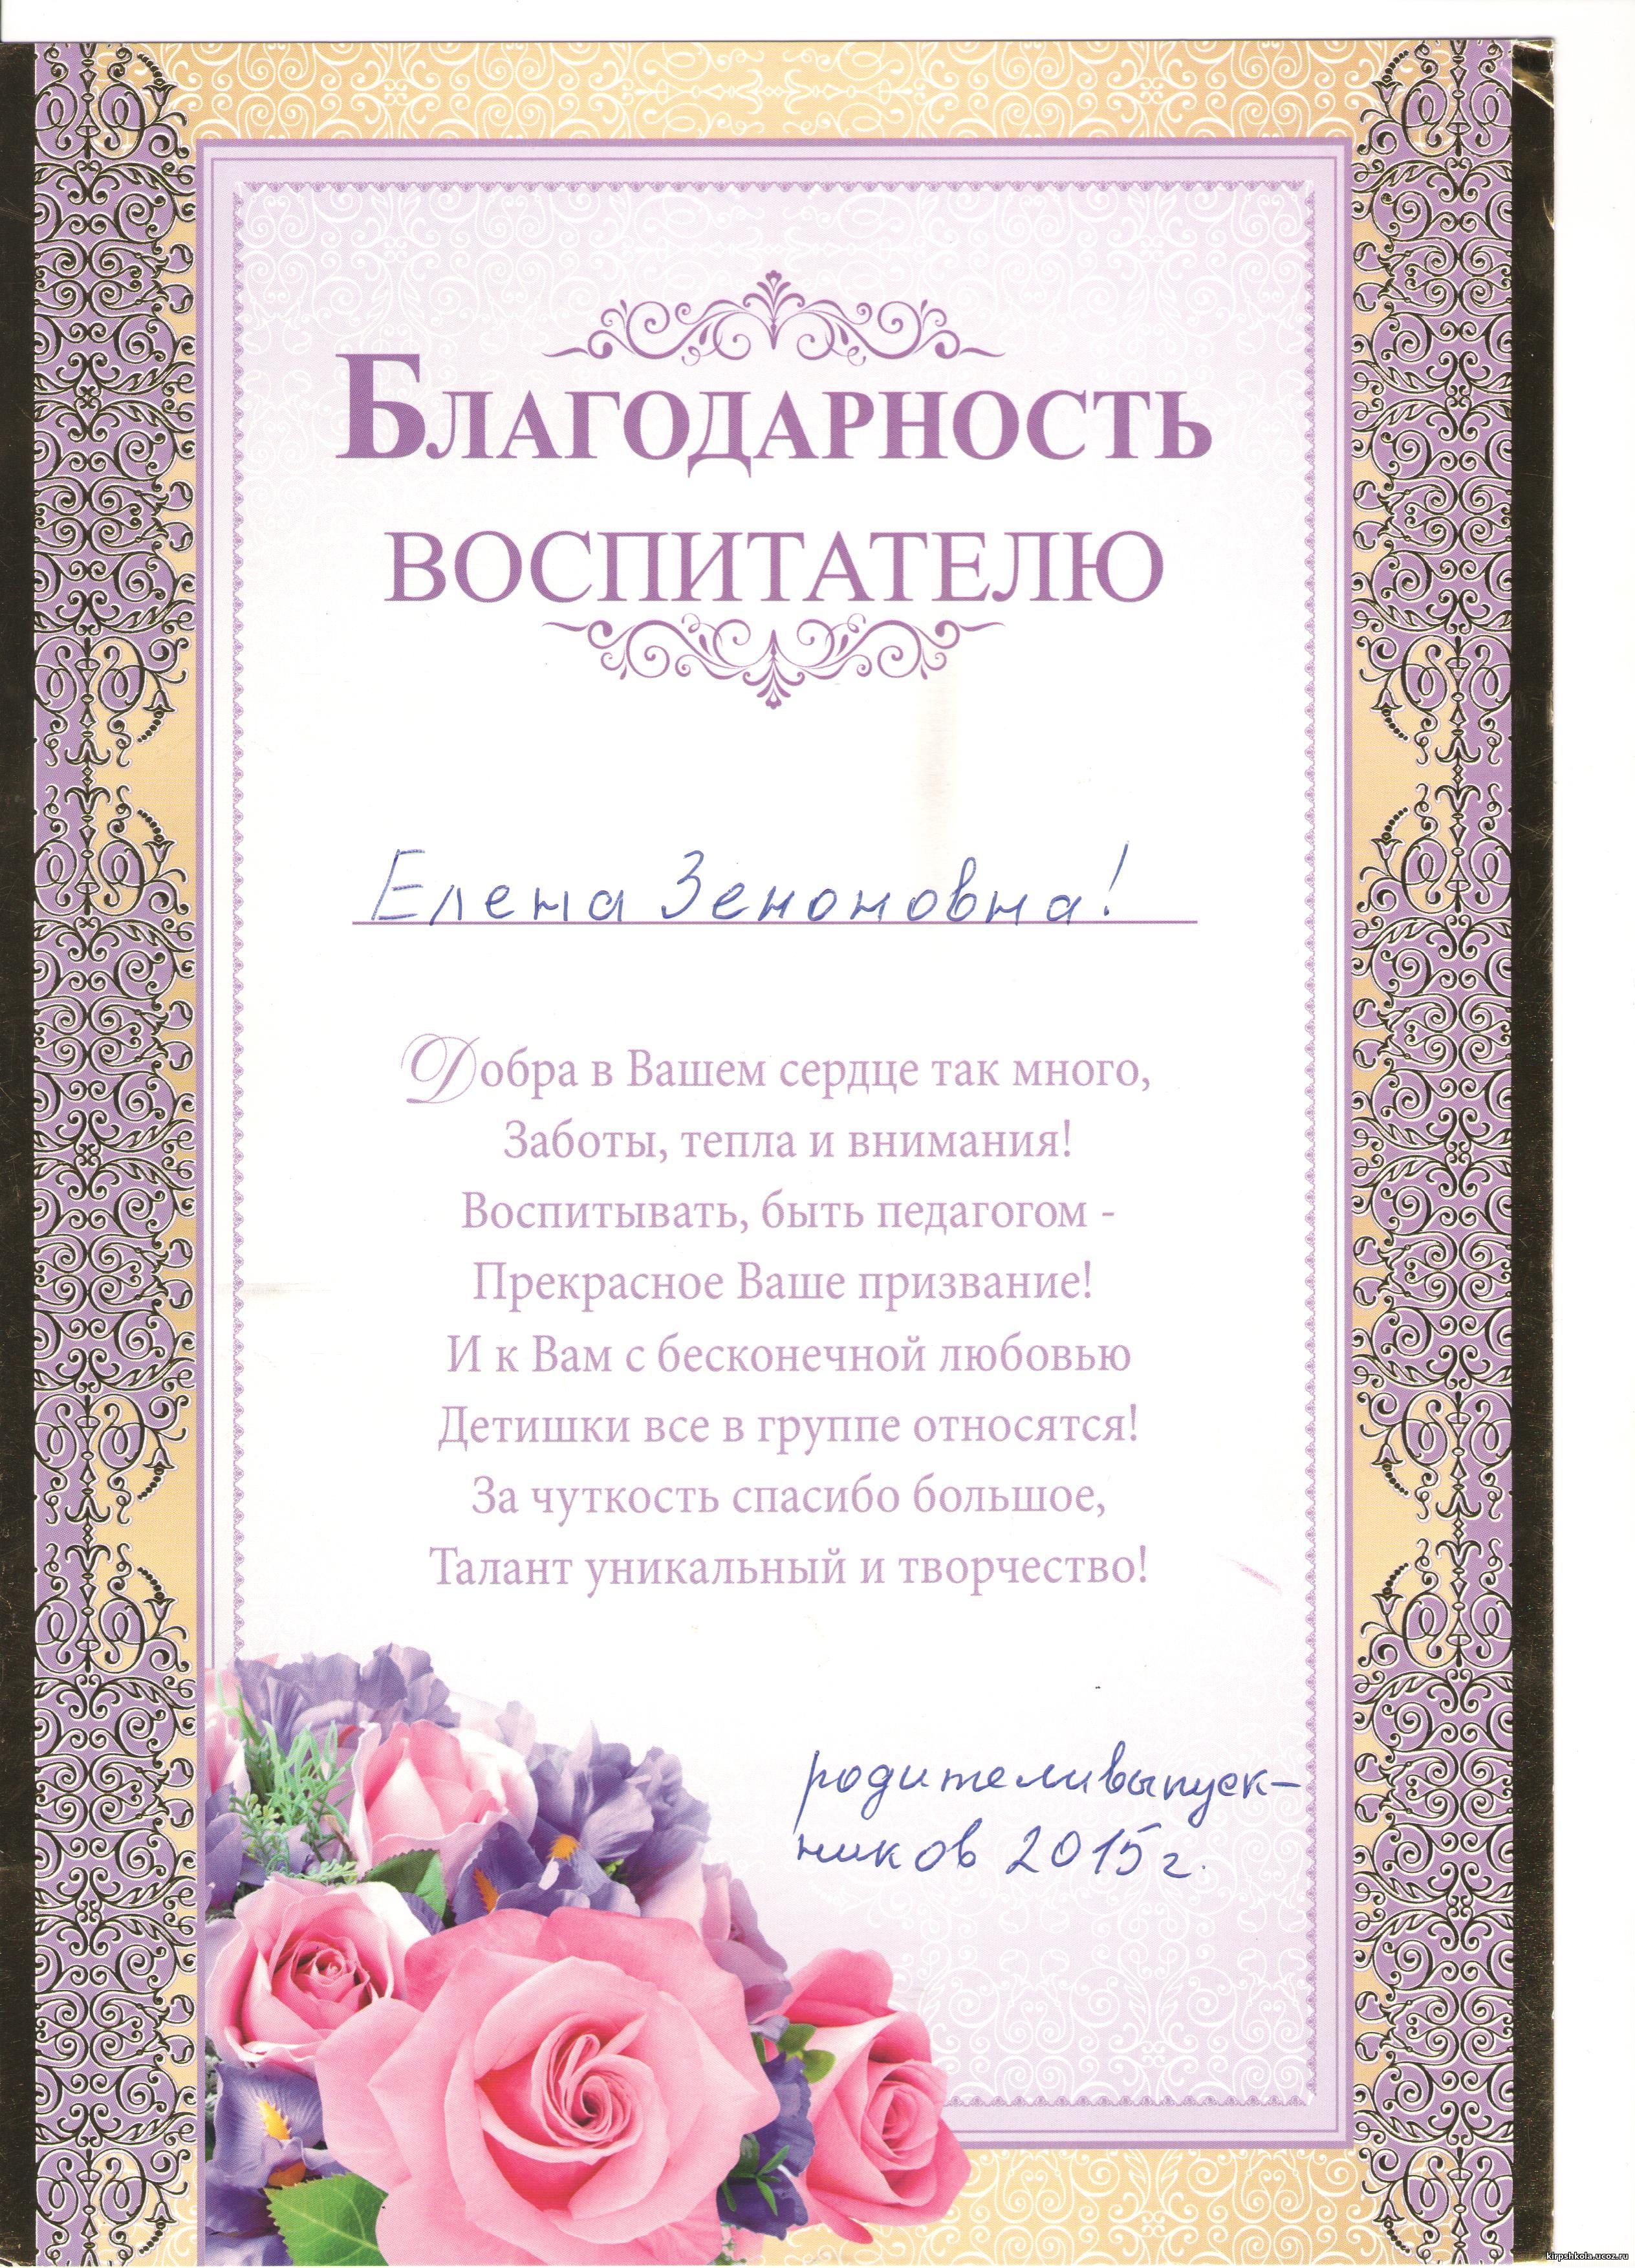 Поздравления воспитателей на выпускной в детском саду на татарском языке